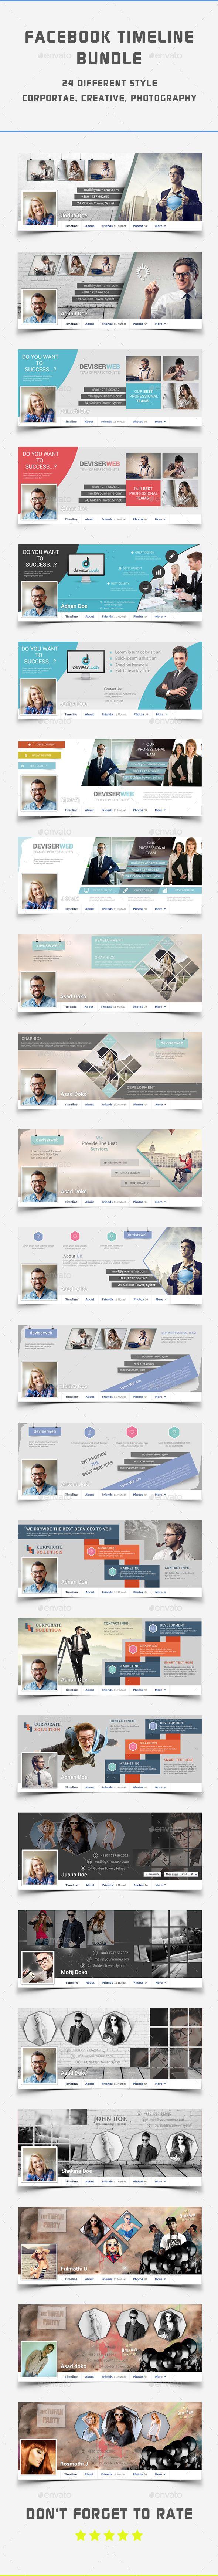 8 best Facebook Branding Inspiration images on Pinterest | Facebook ...